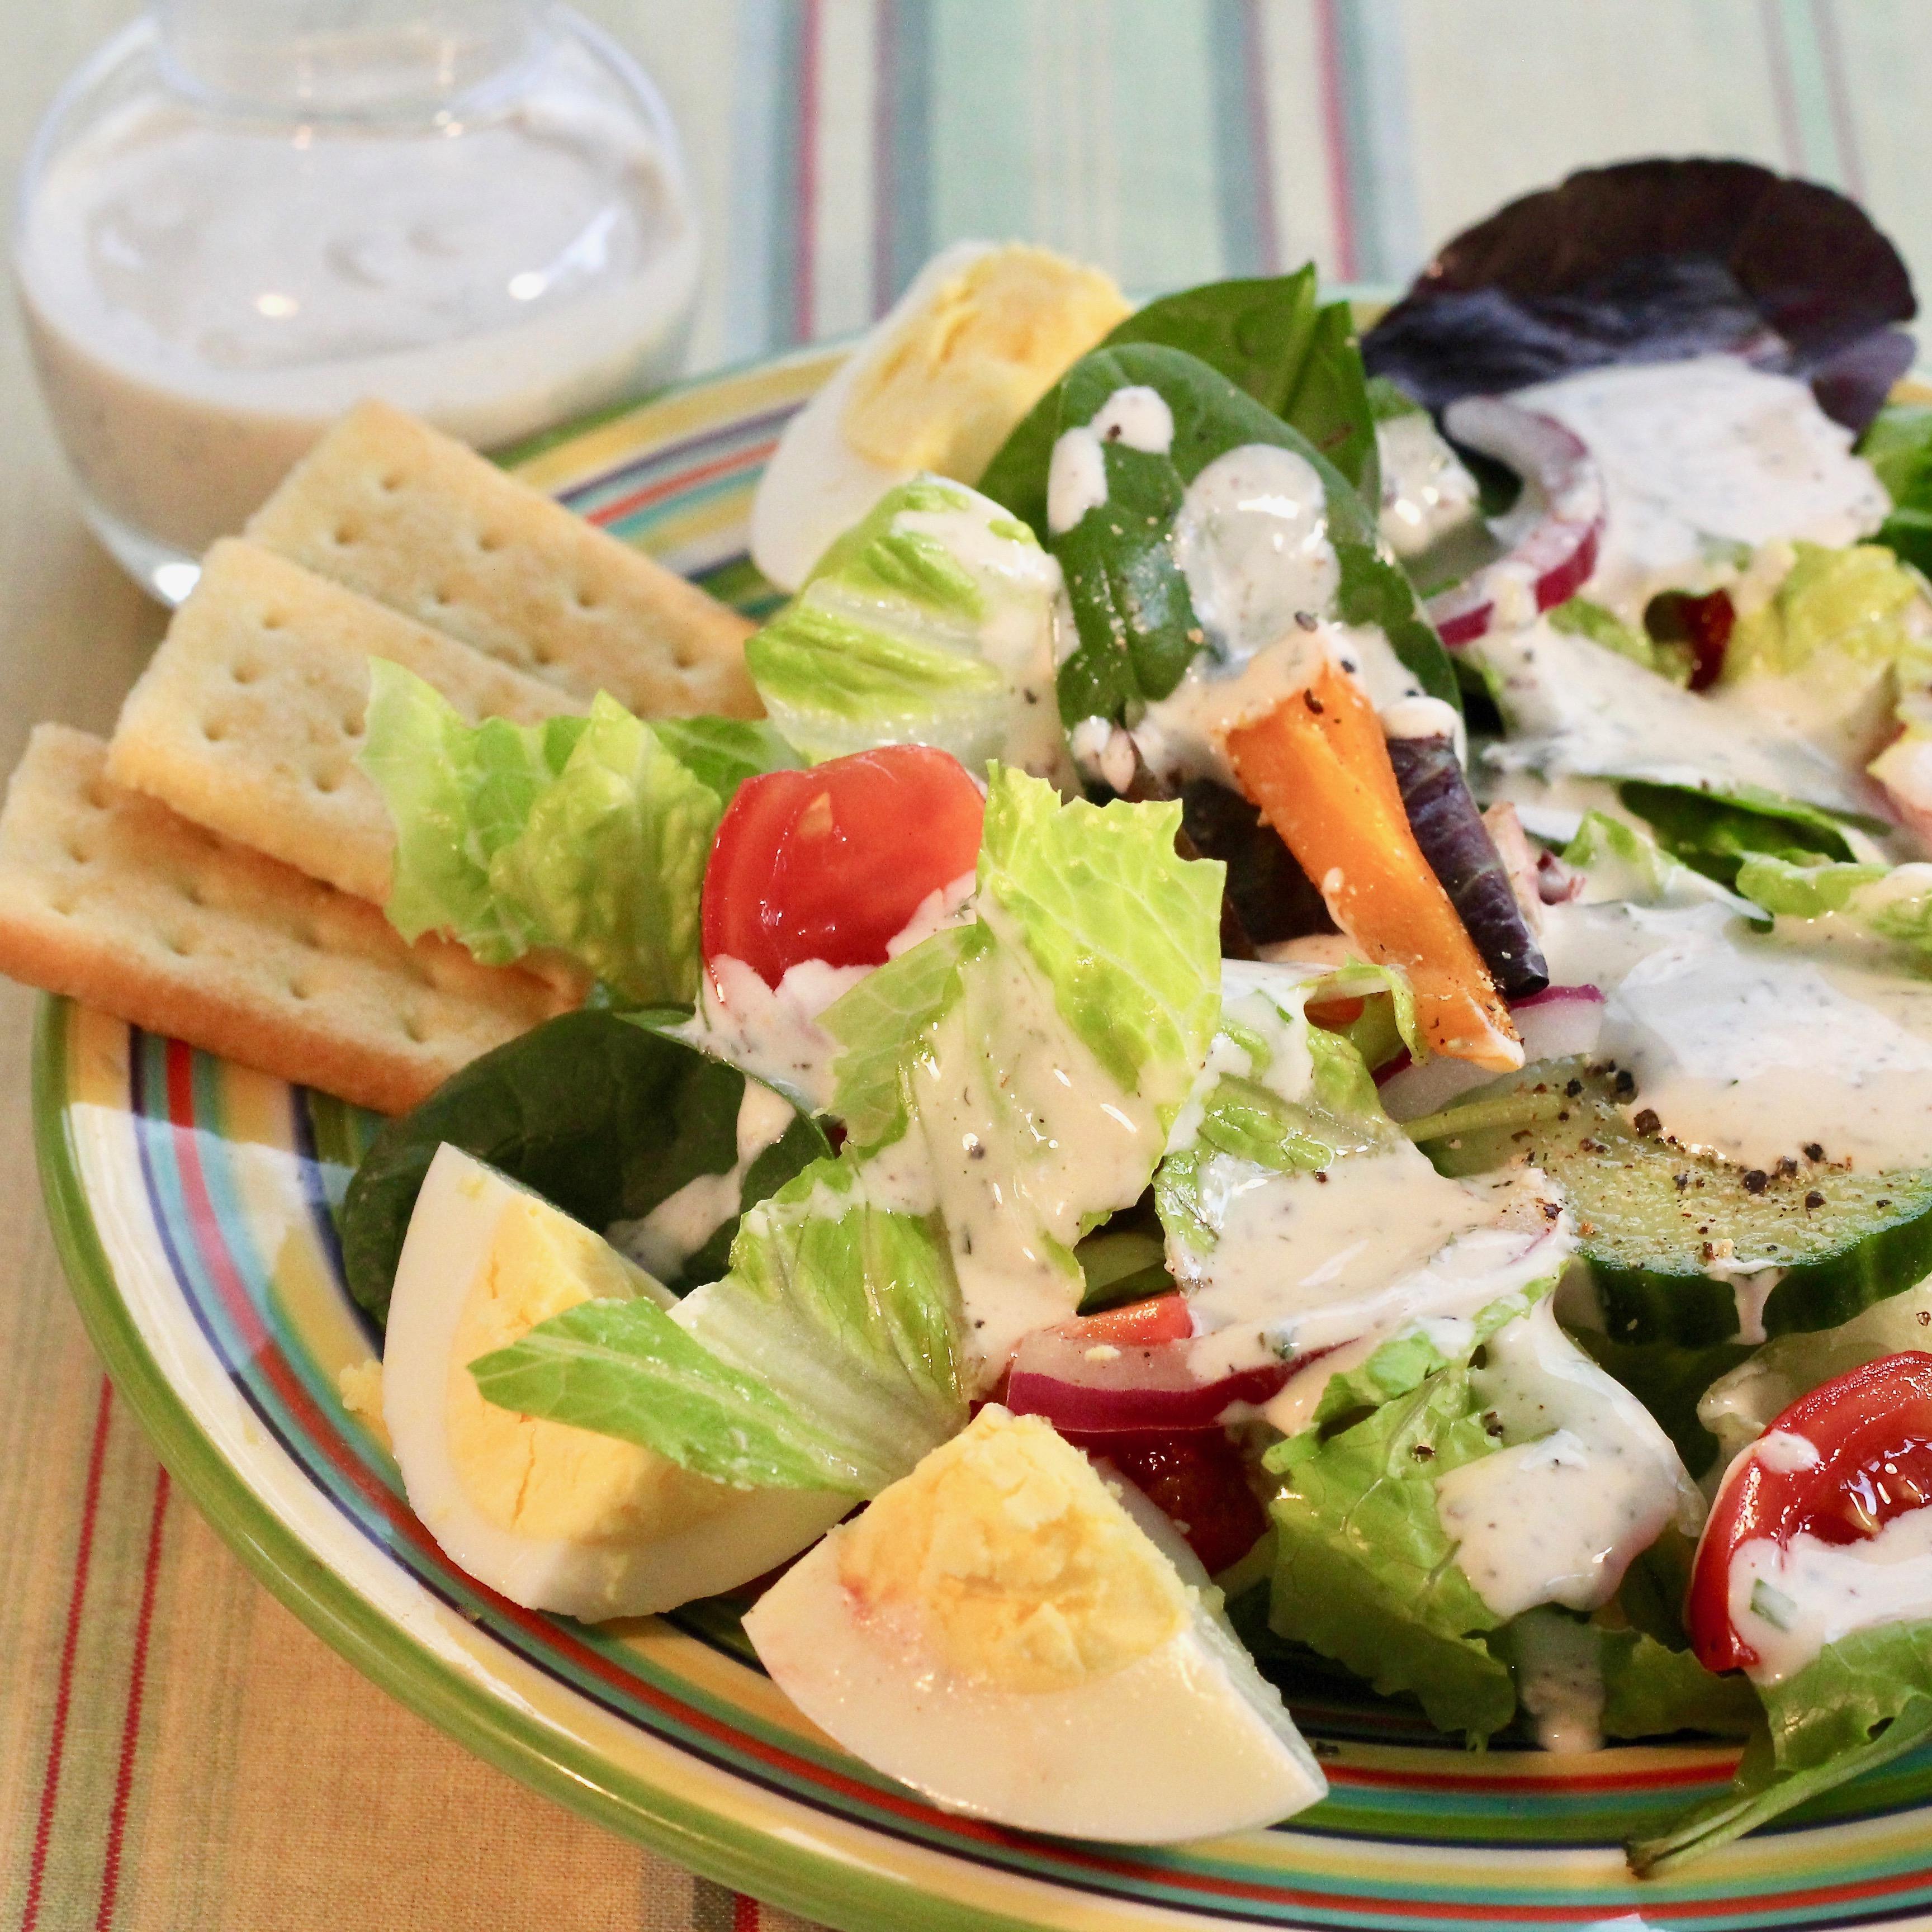 Buttermilk Peppercorn Ranch Salad Dressing